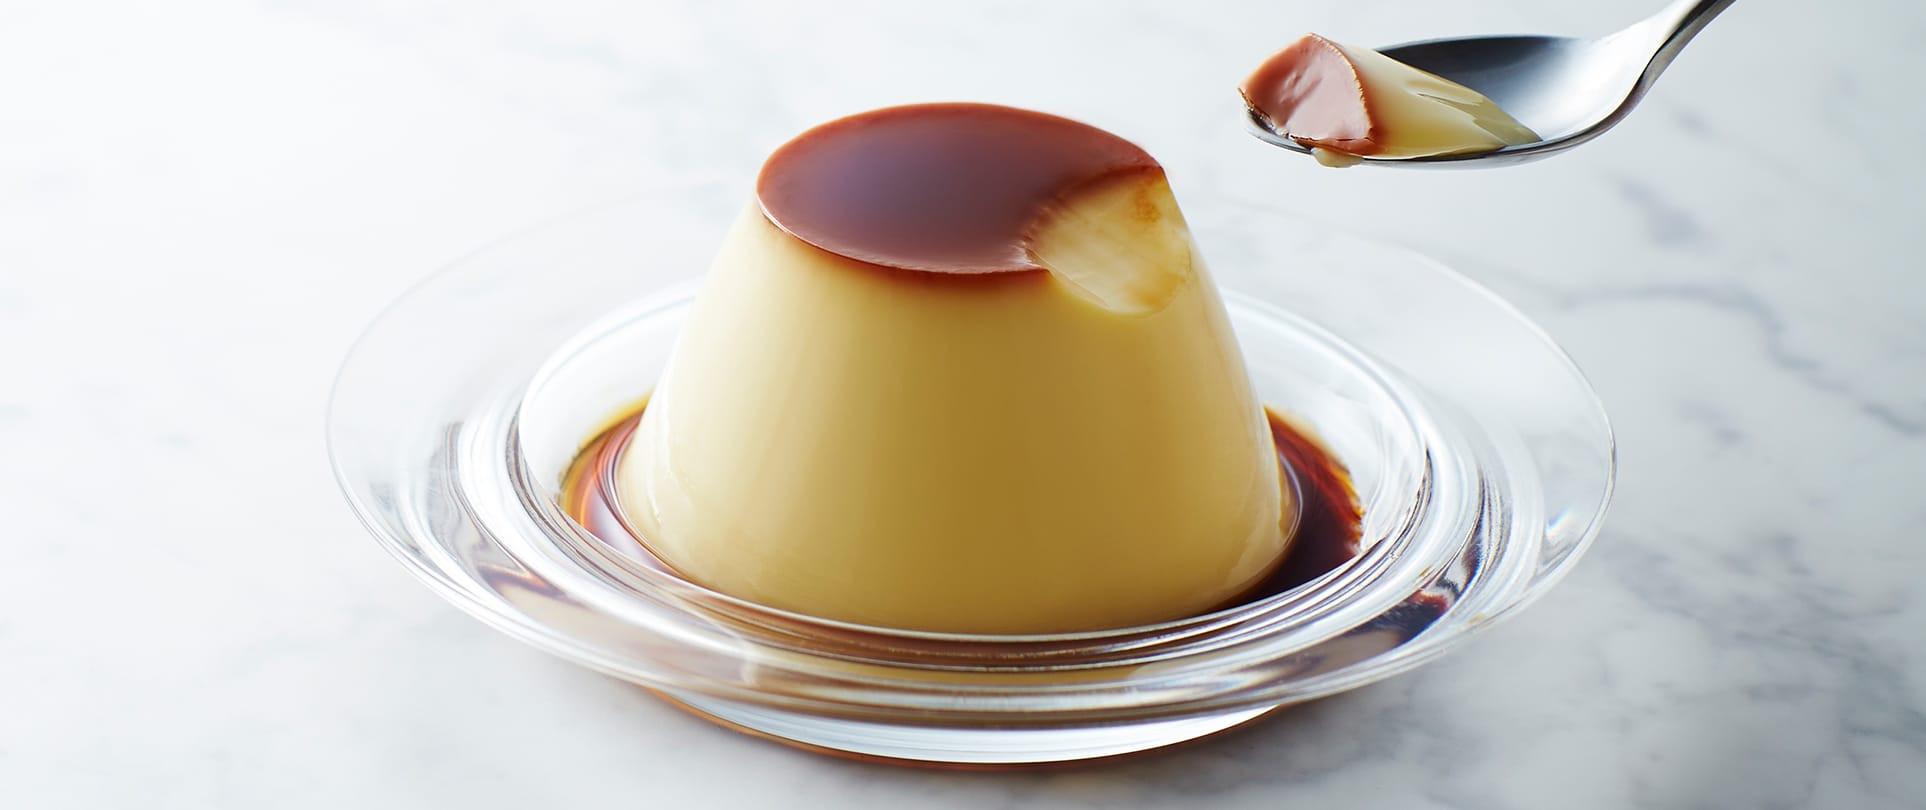 أكلات بالحليب السائل - طريقة عمل الكريم كراميل بدون فرن